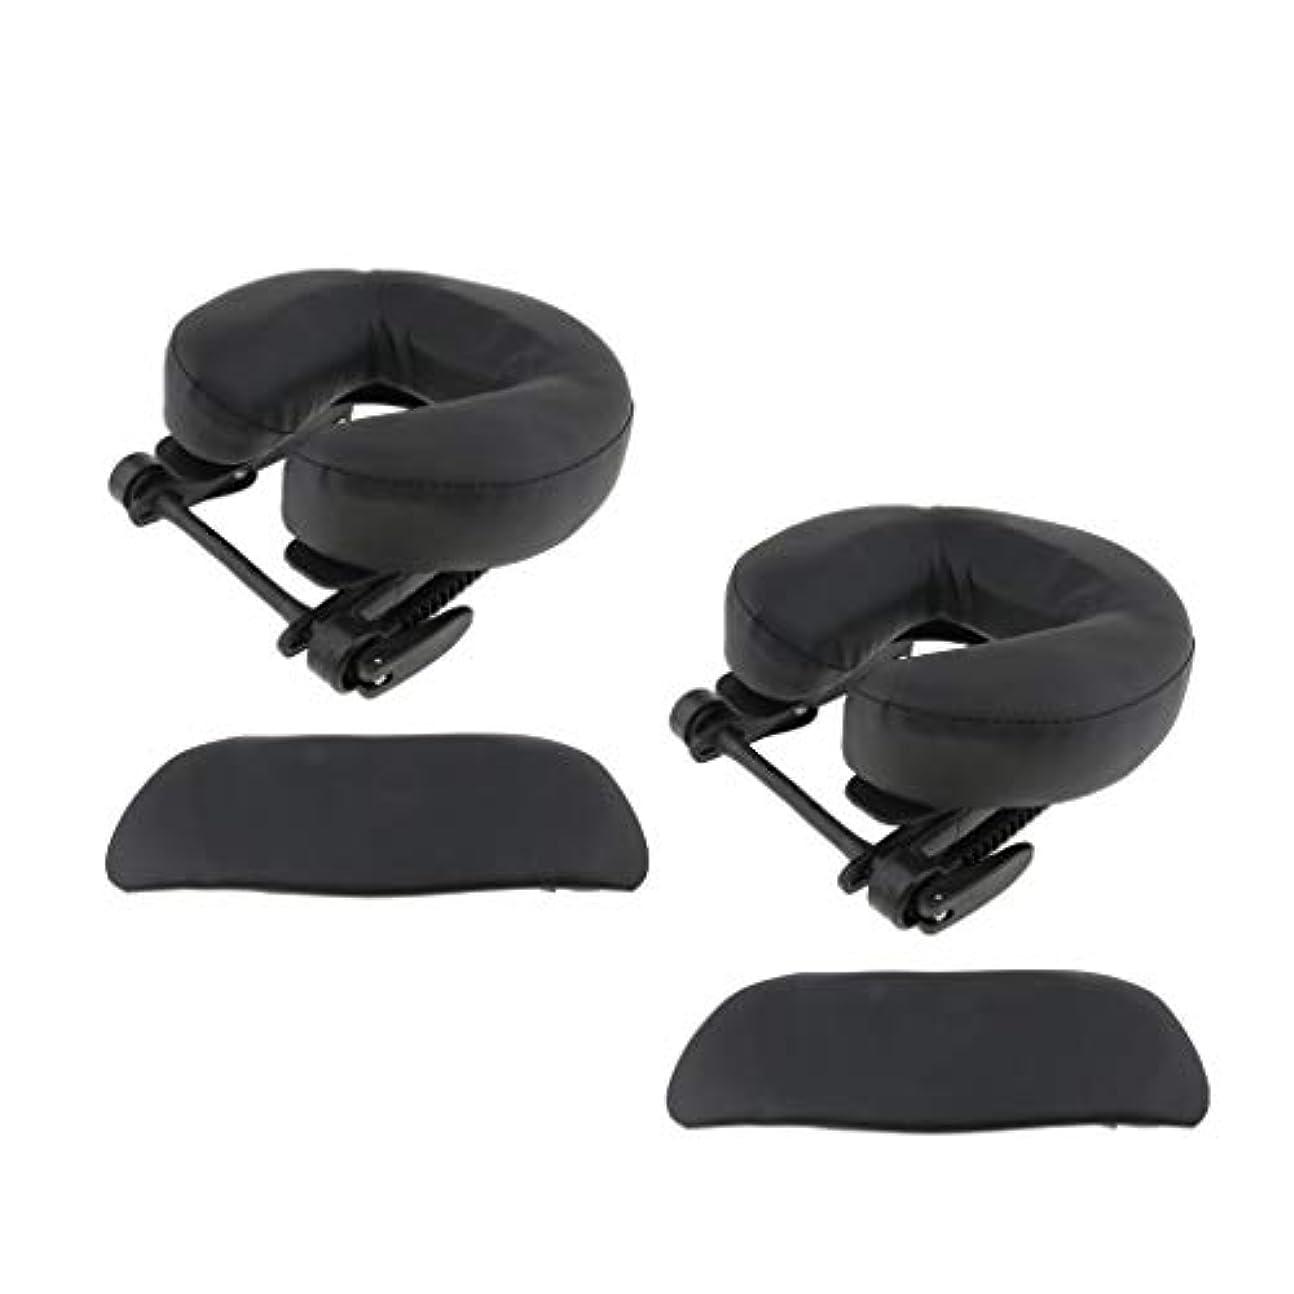 定期的な経由でタイプライターHellery クッション 枕パッド マッサージ ベッド テーブル用 実用性 6個